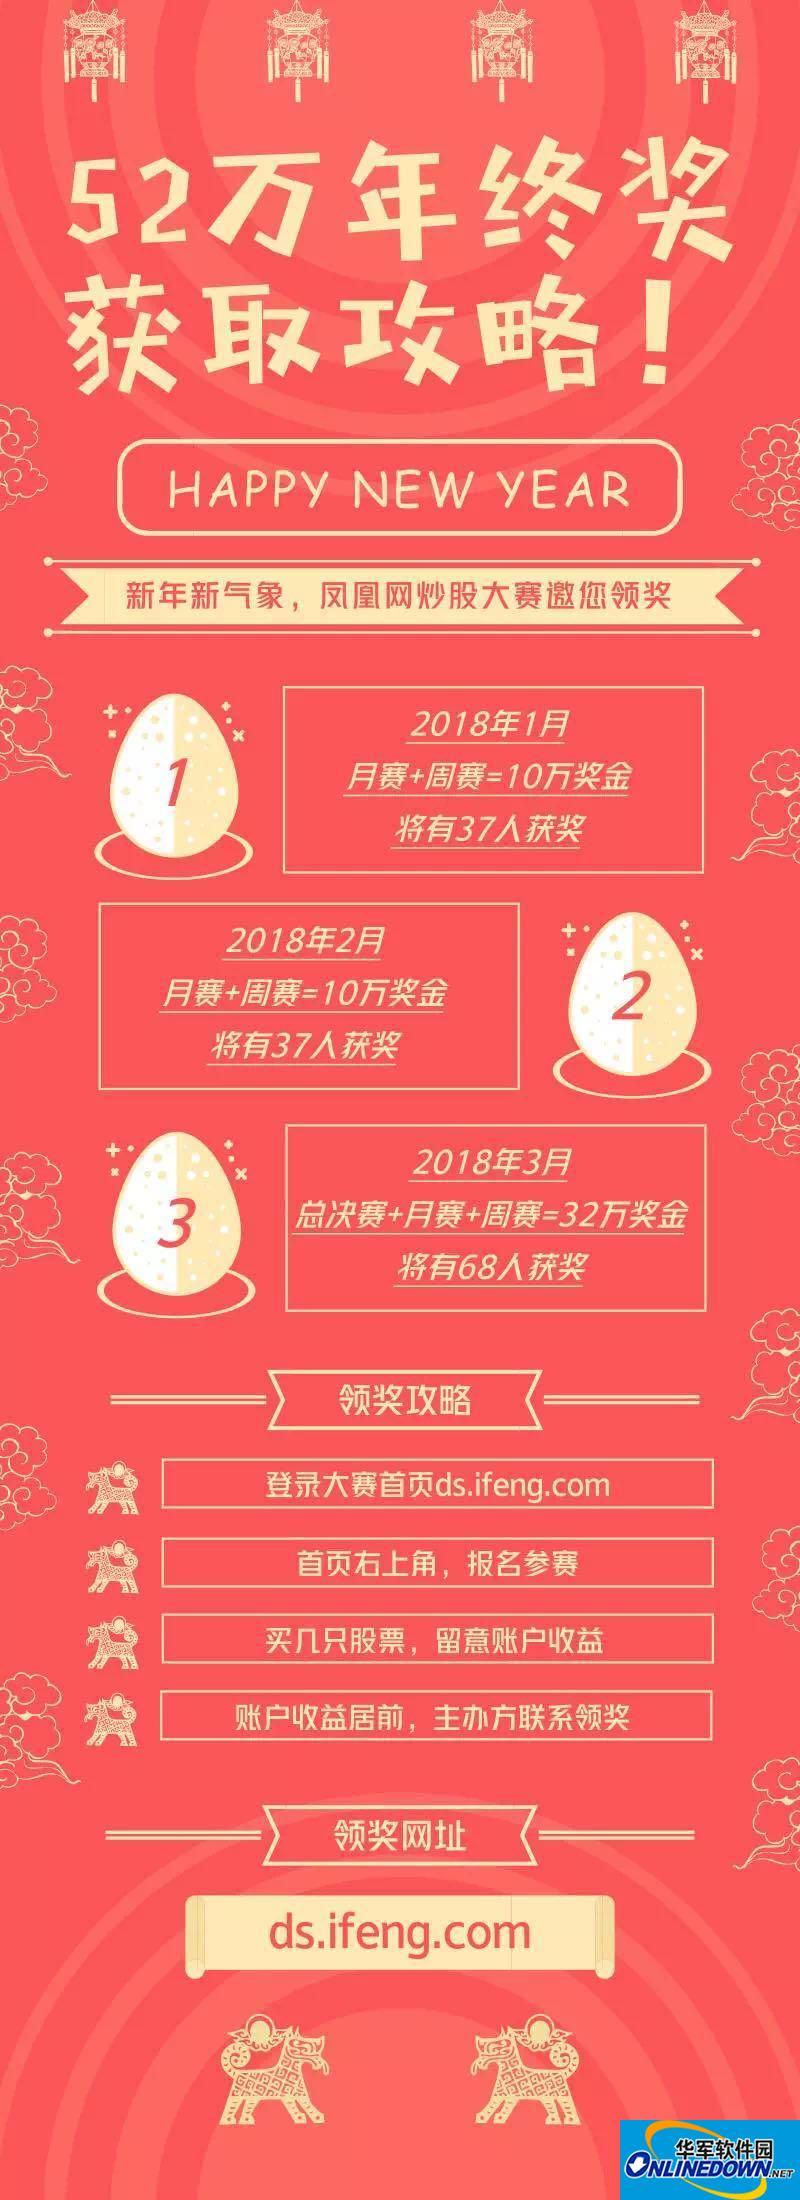 凤凰网炒股大赛招募炒股达人 2018年1-3月将发52万奖金